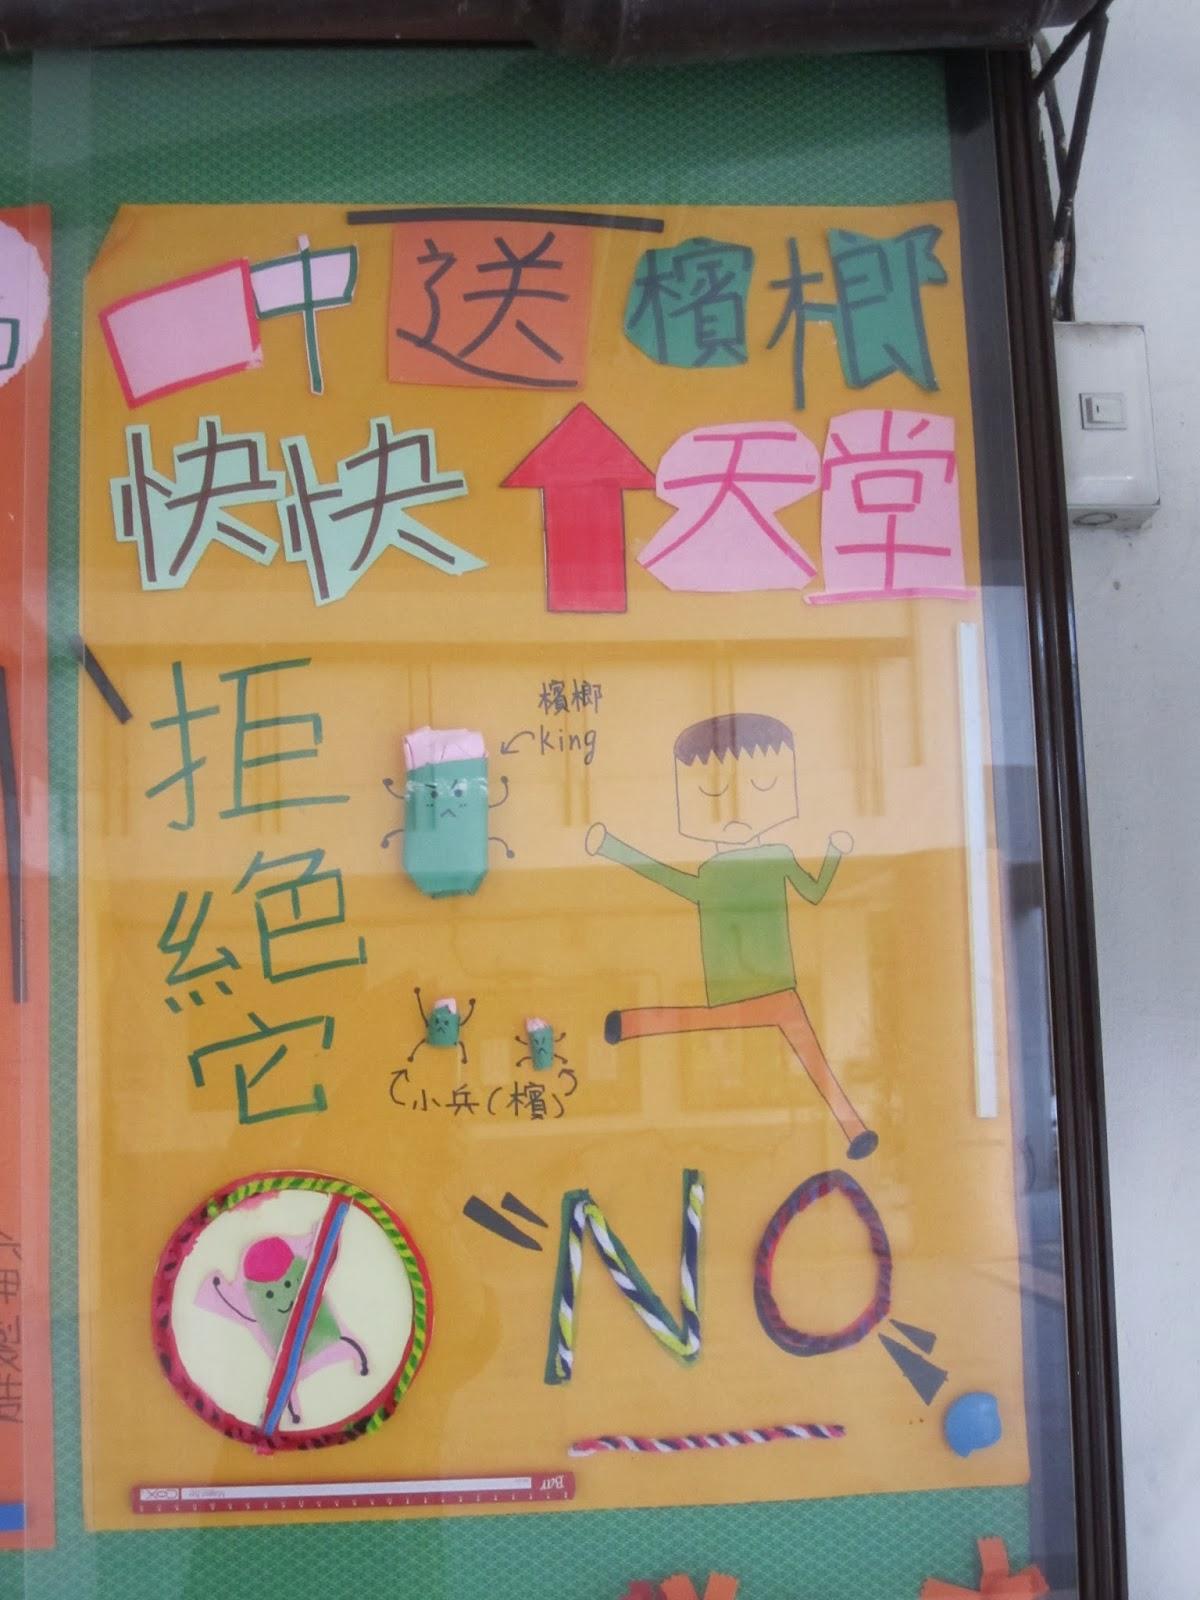 明宗國小健康促進學校成果網: 紫錐花反毒宣導海報